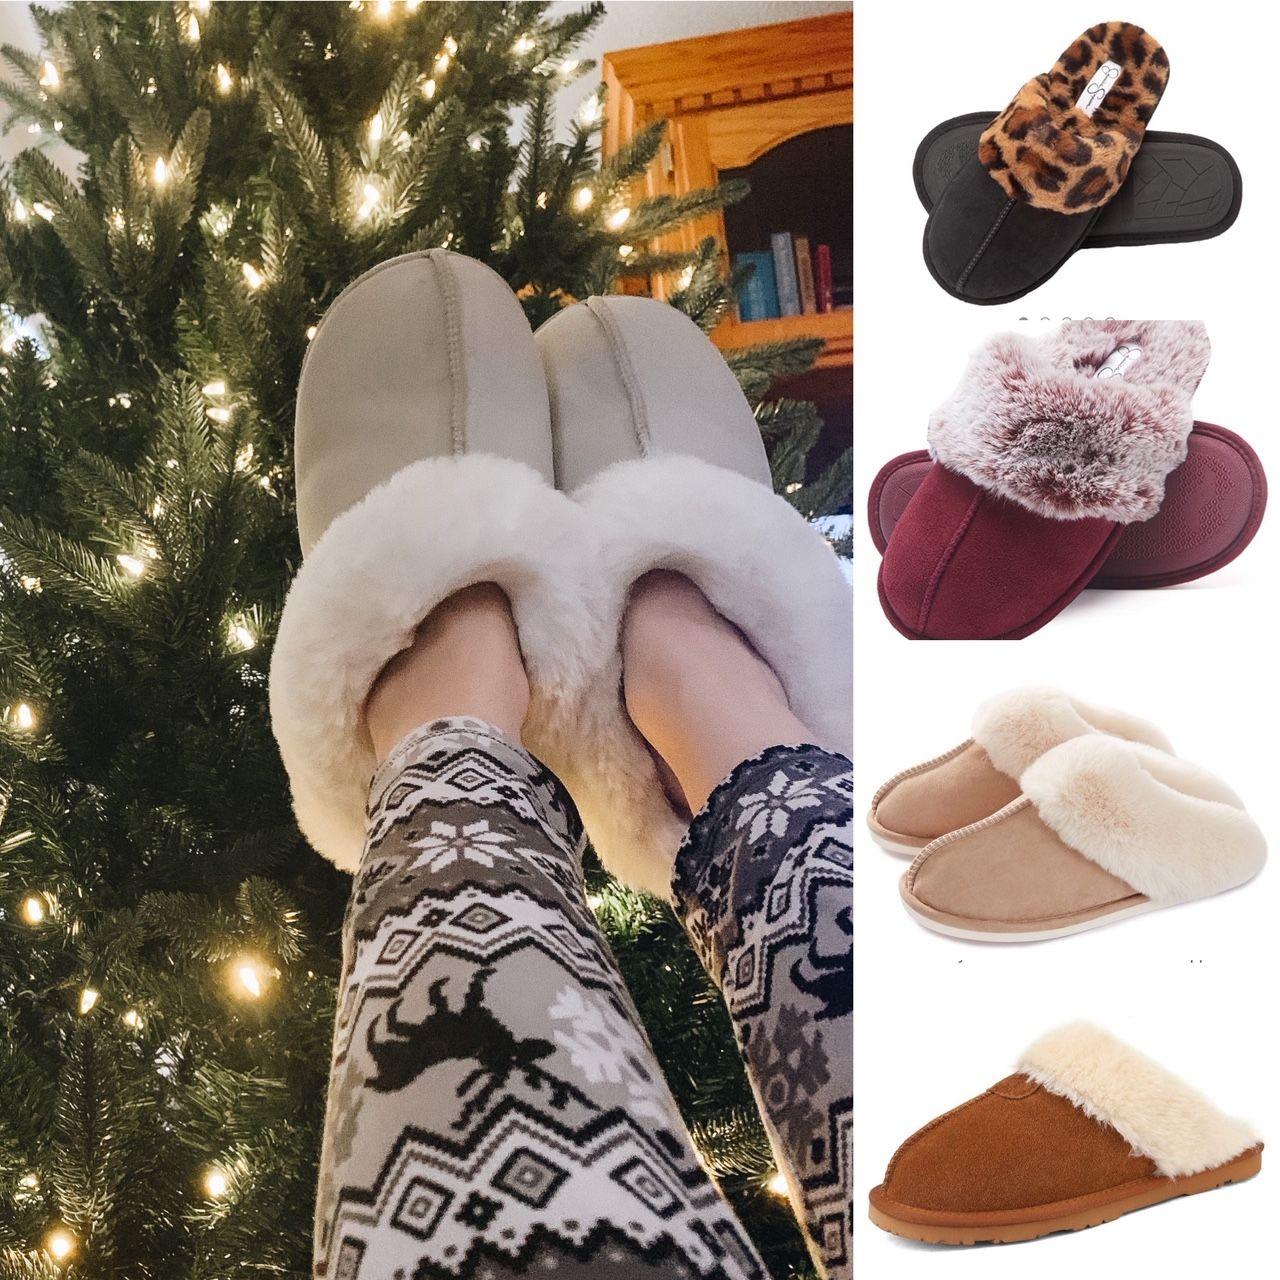 Winter Slippers in 2020 | Winter